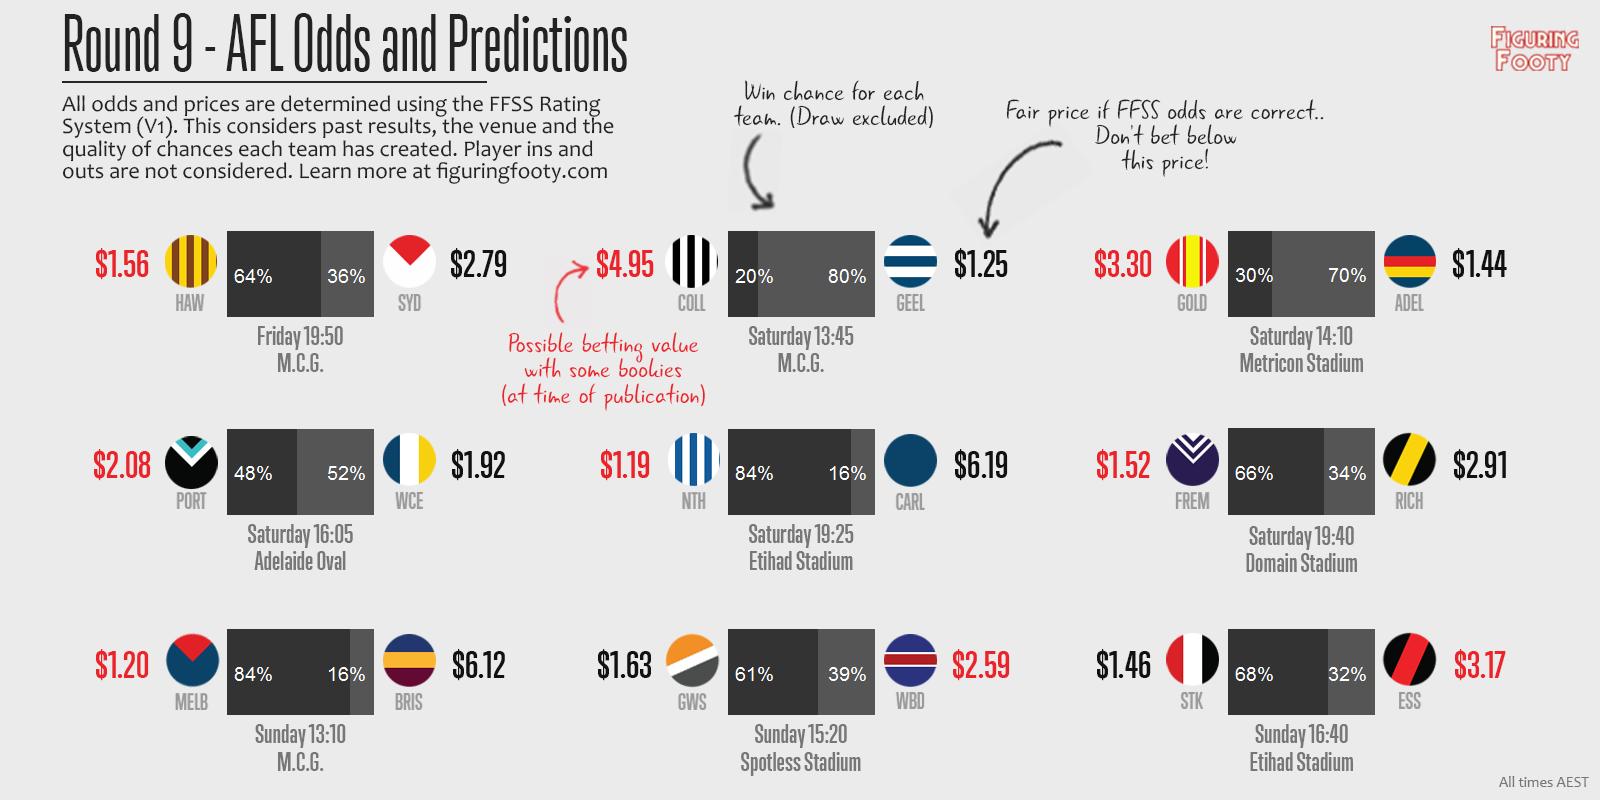 FFSS Week 9 Predictions